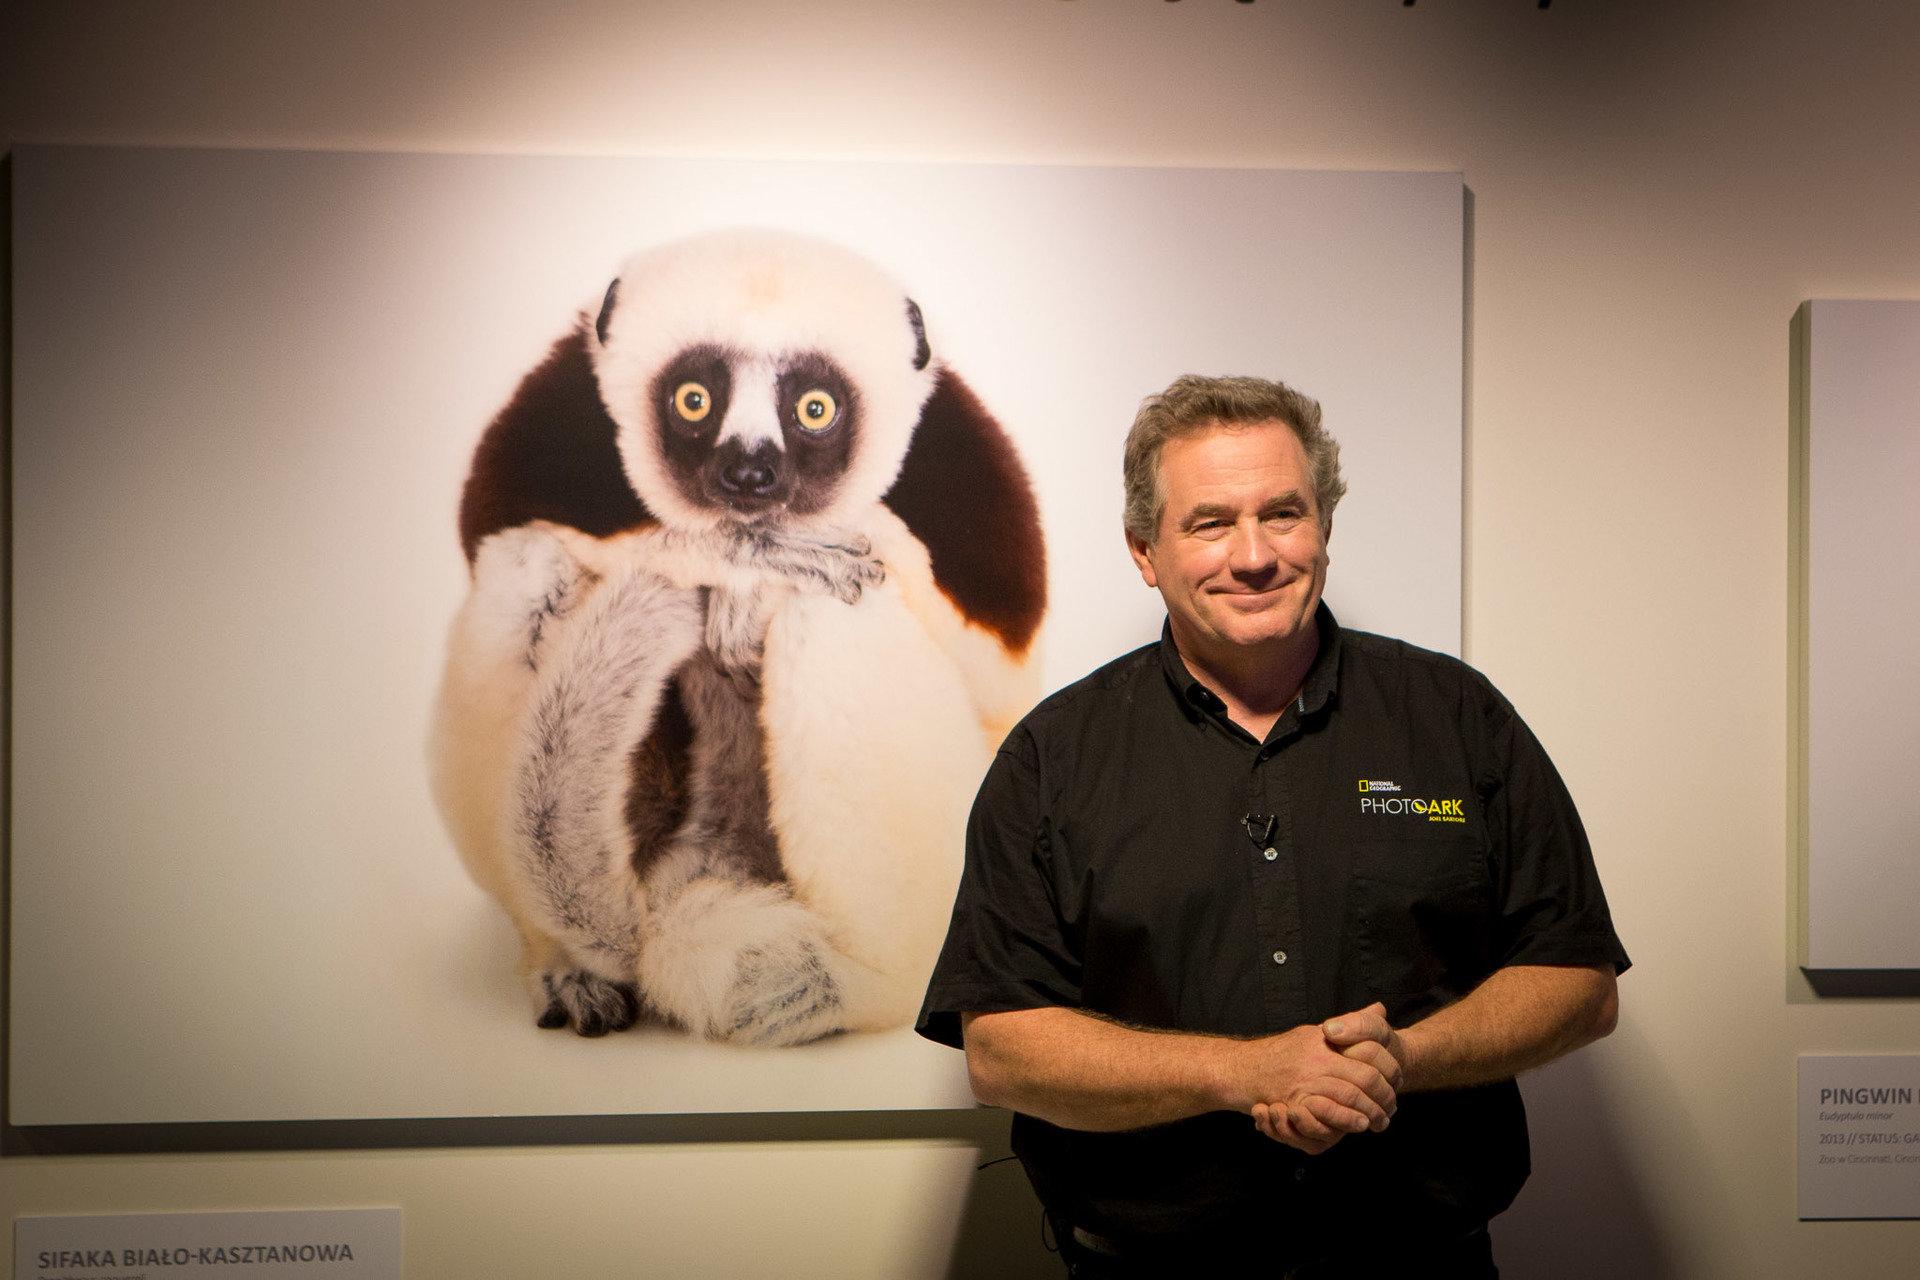 Fotograf ginących gatunków zwierząt - Niezwykła wystawa zdjęć